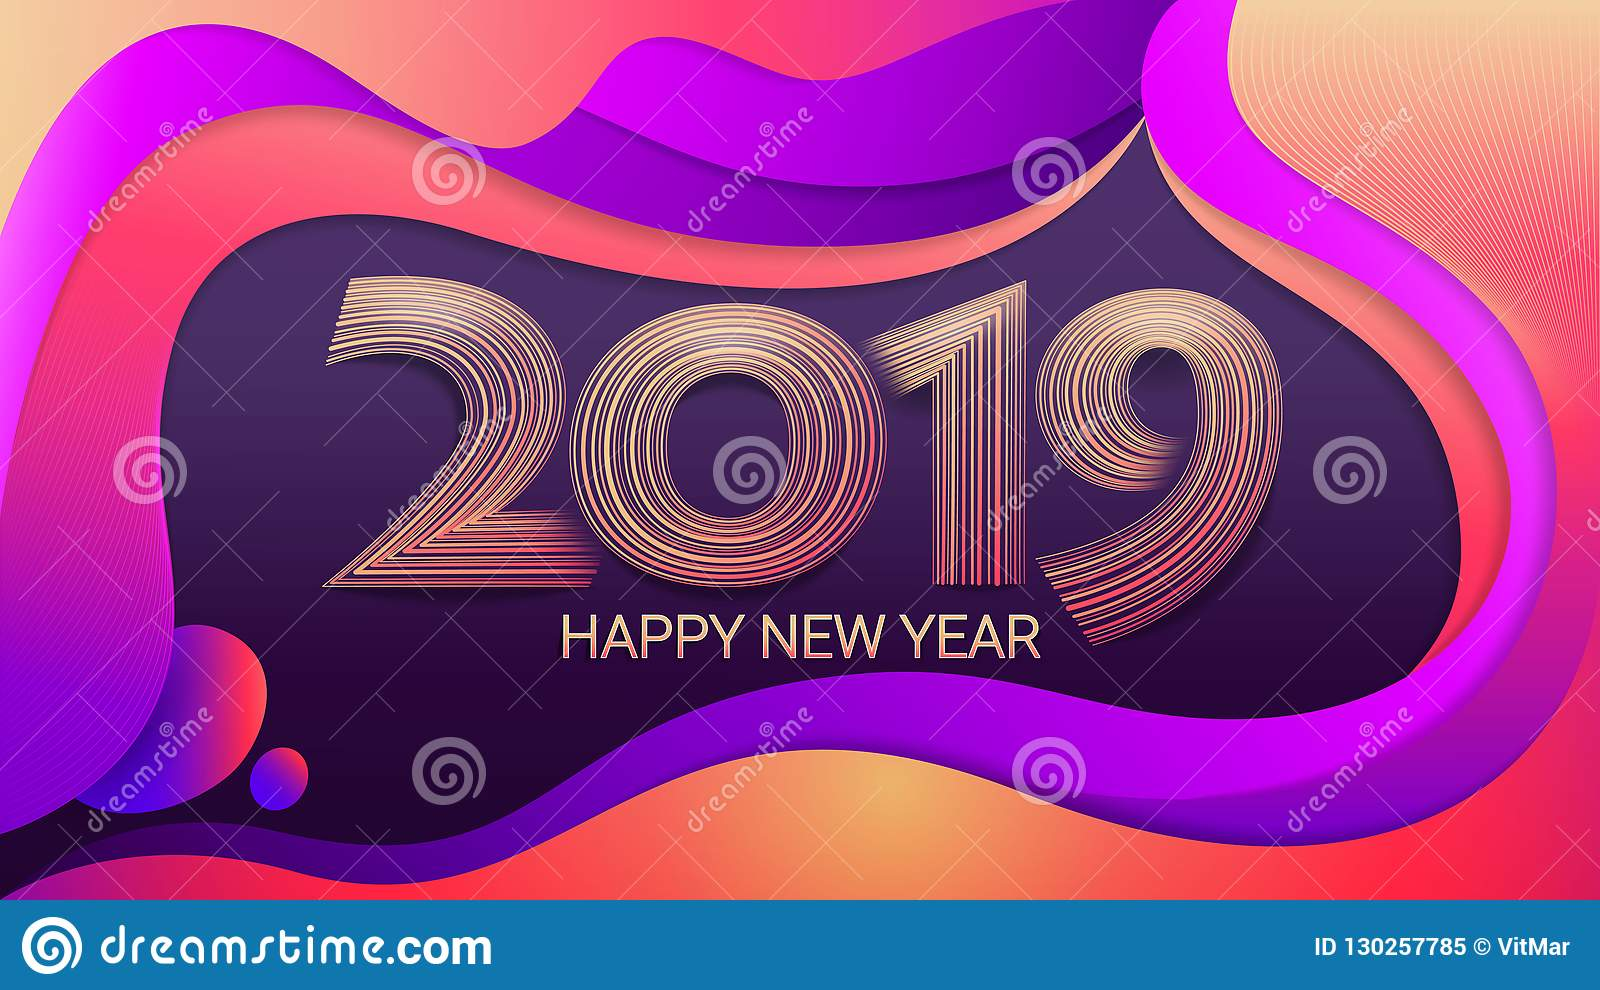 Feliz Año Nuevo 2019 Navidad Fondo olorful del ¡de Ð ejemplo abstracto del vector celebración